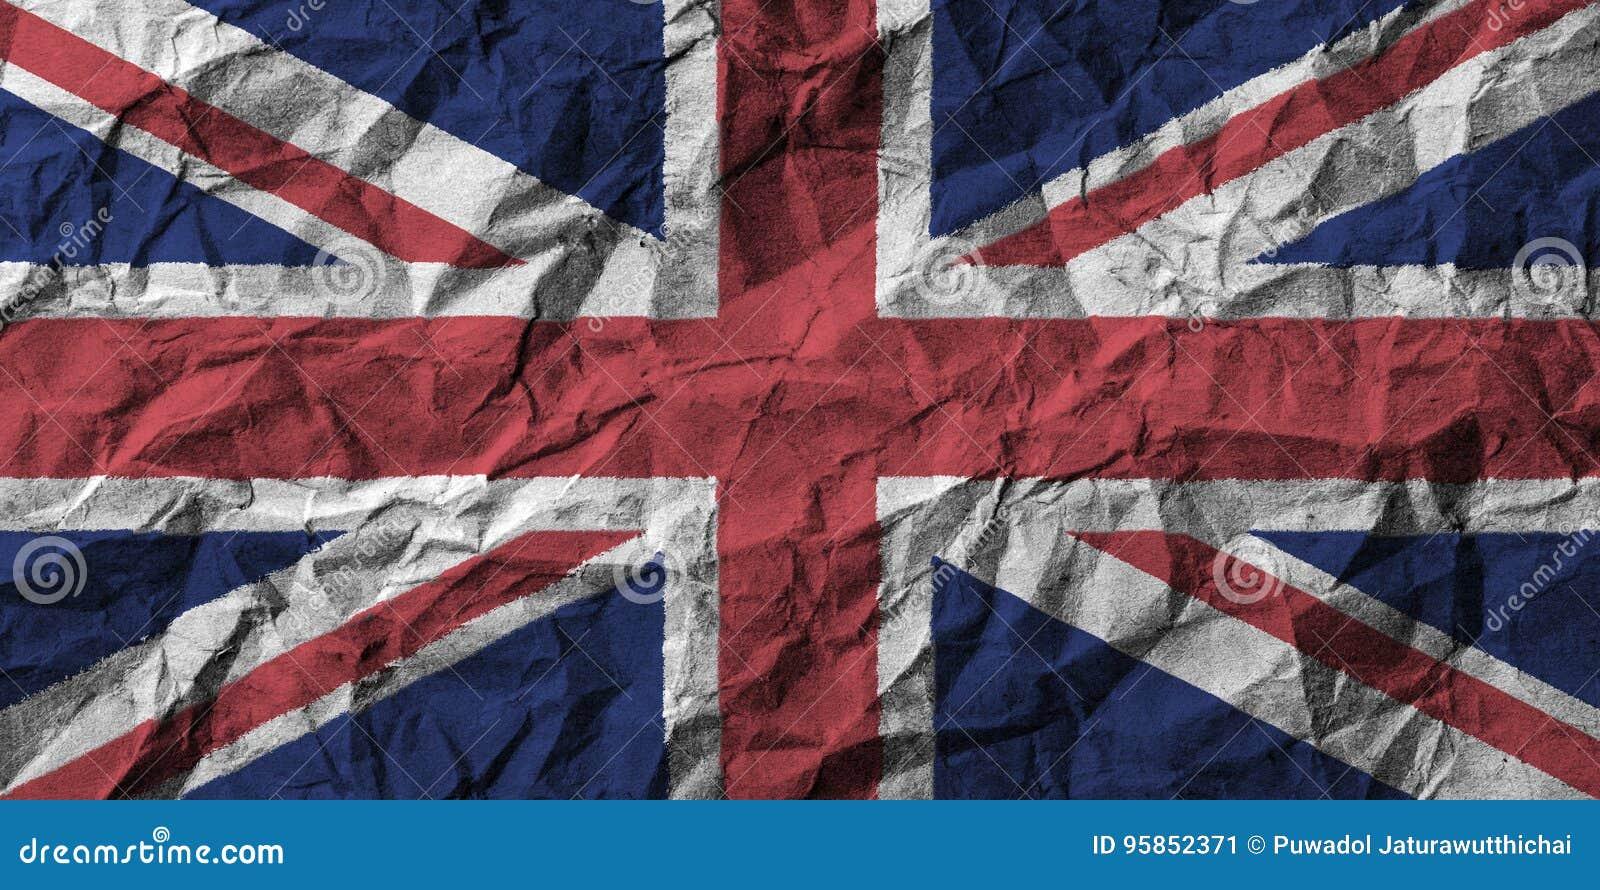 Bandera de Reino Unido con el alto detalle del papel arrugado ilustración 3D